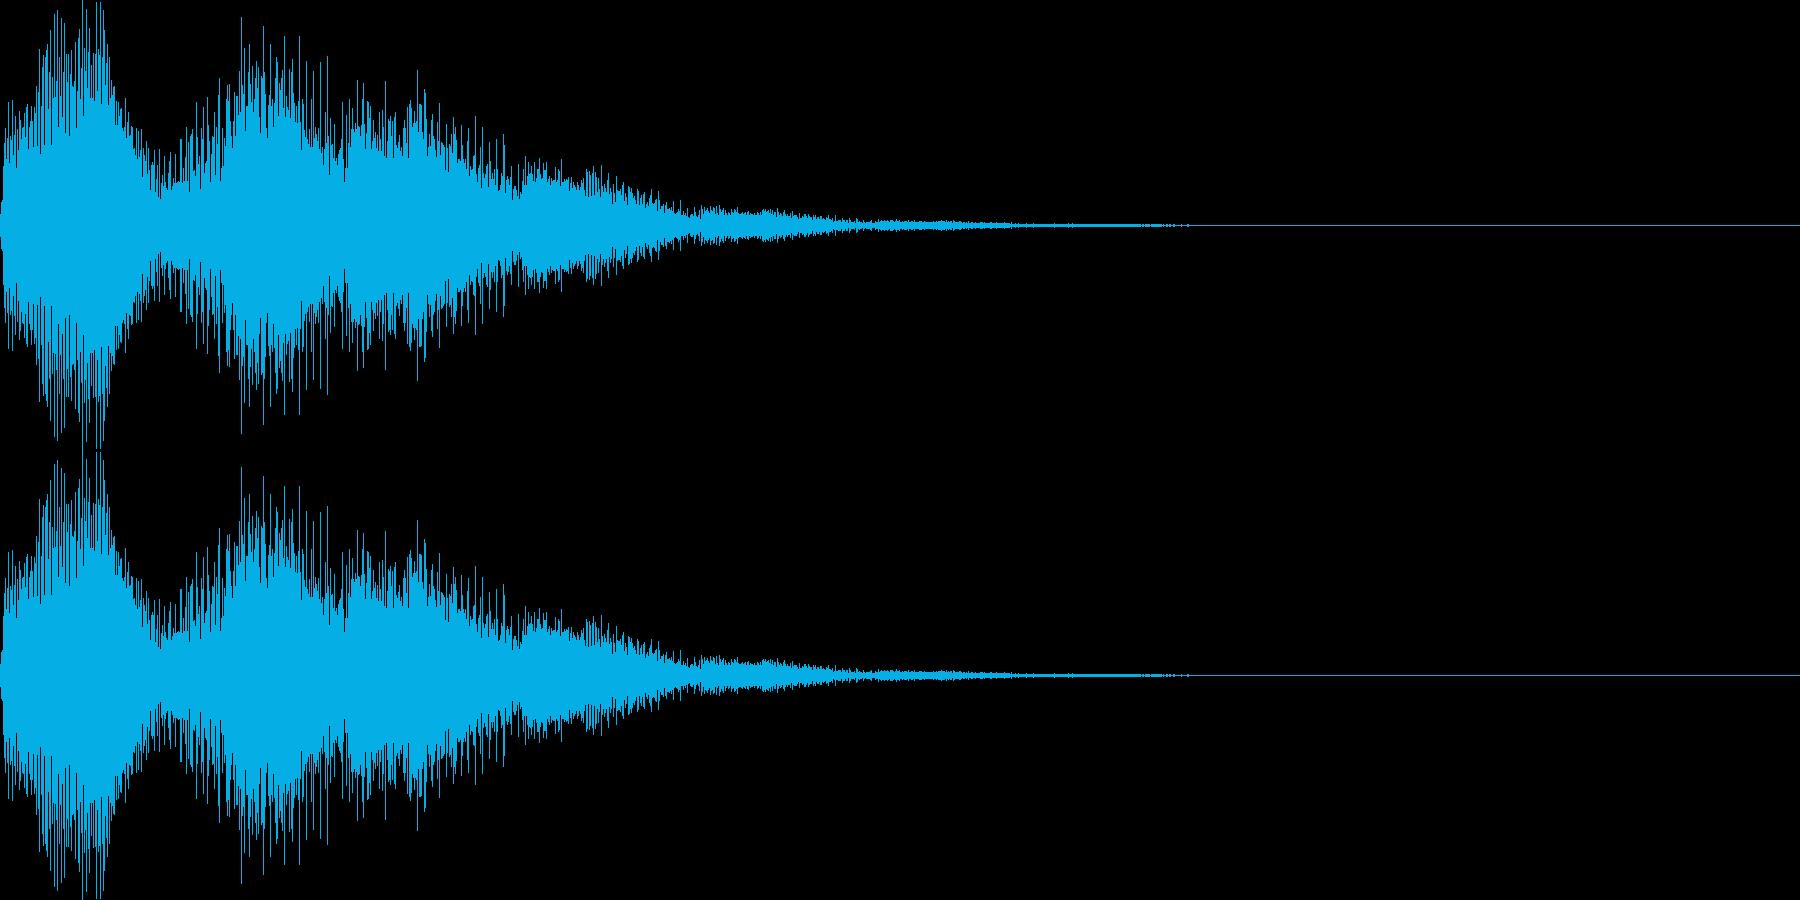 ピロロン(キャンセル、ミス、残念)の再生済みの波形